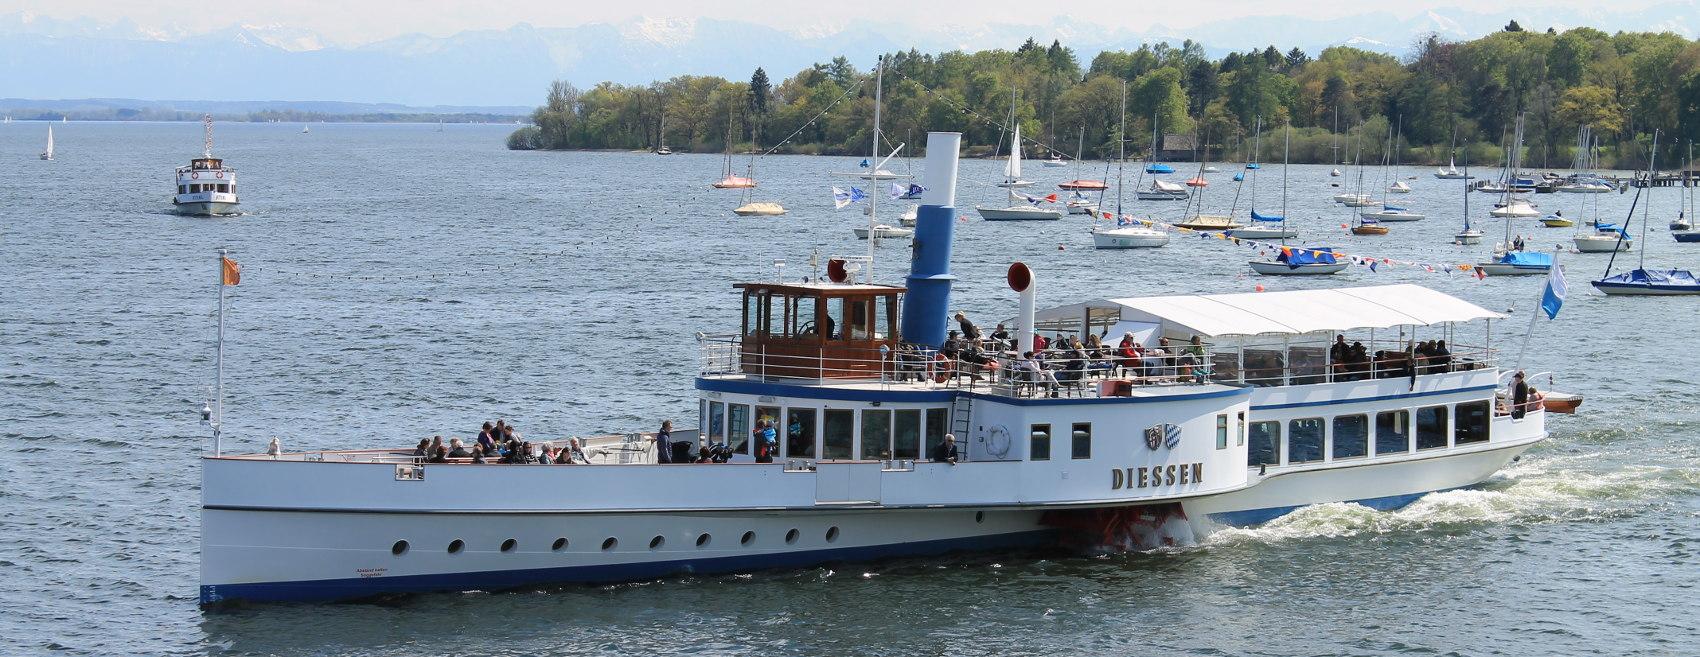 Ausflug mit dem Dampfer auf dem Ammersee